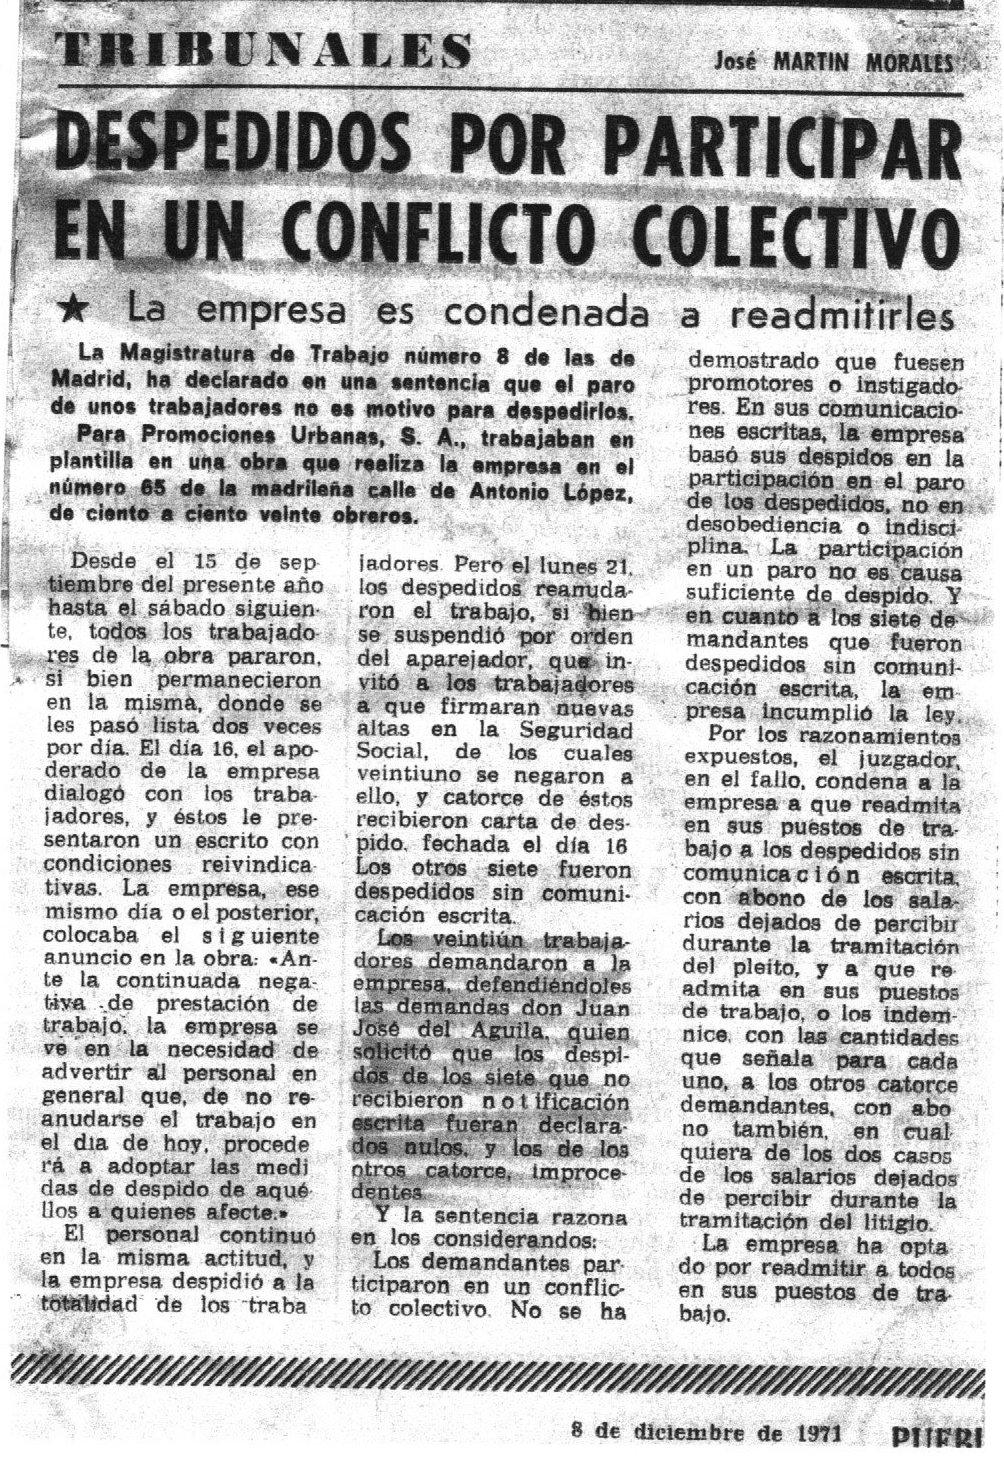 Pueblo 08/12/71